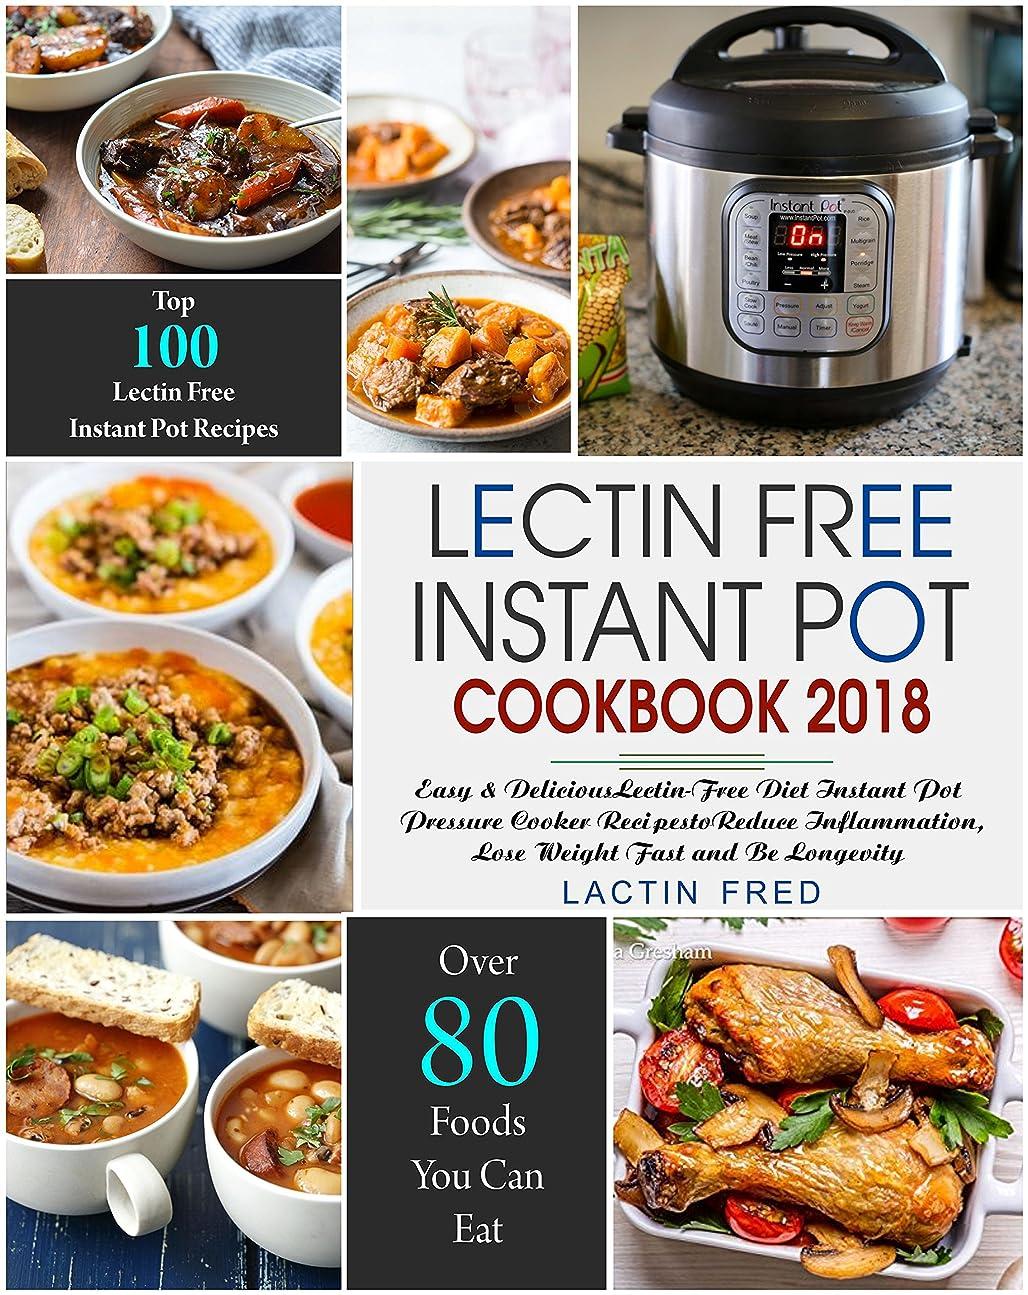 よろめく専門用語先見の明Lectin-Free Instant Pot Cookbook: Simple, Quick Lectin-free Recipes for your Instant Pot, Electric Pressure Cooker to Reduce Inflammation, Lose Weight, ... (Plant-Based Paradox Diet) (English Edition)